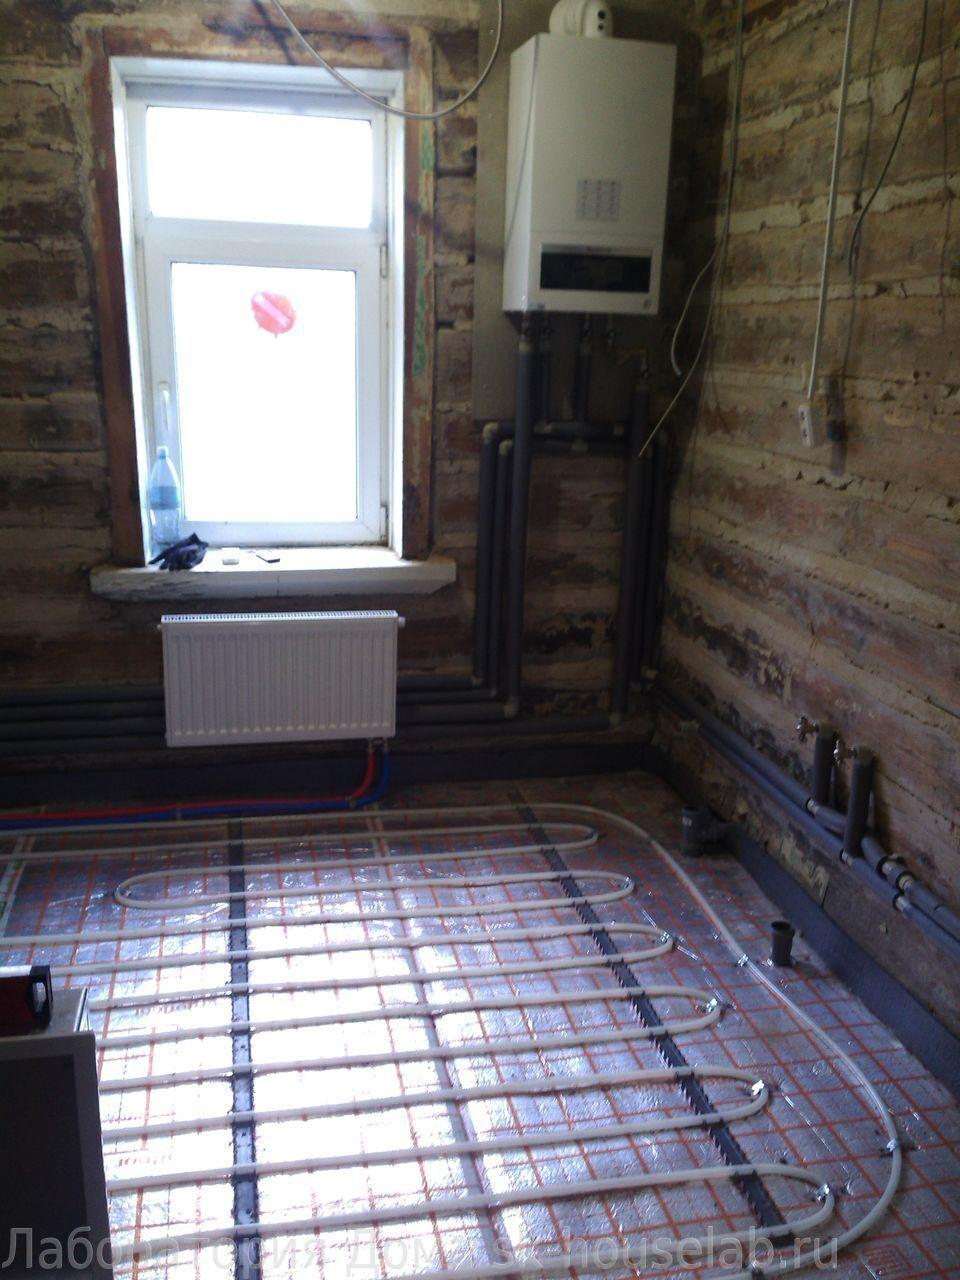 Проект на подключение к водопроводу частного дома